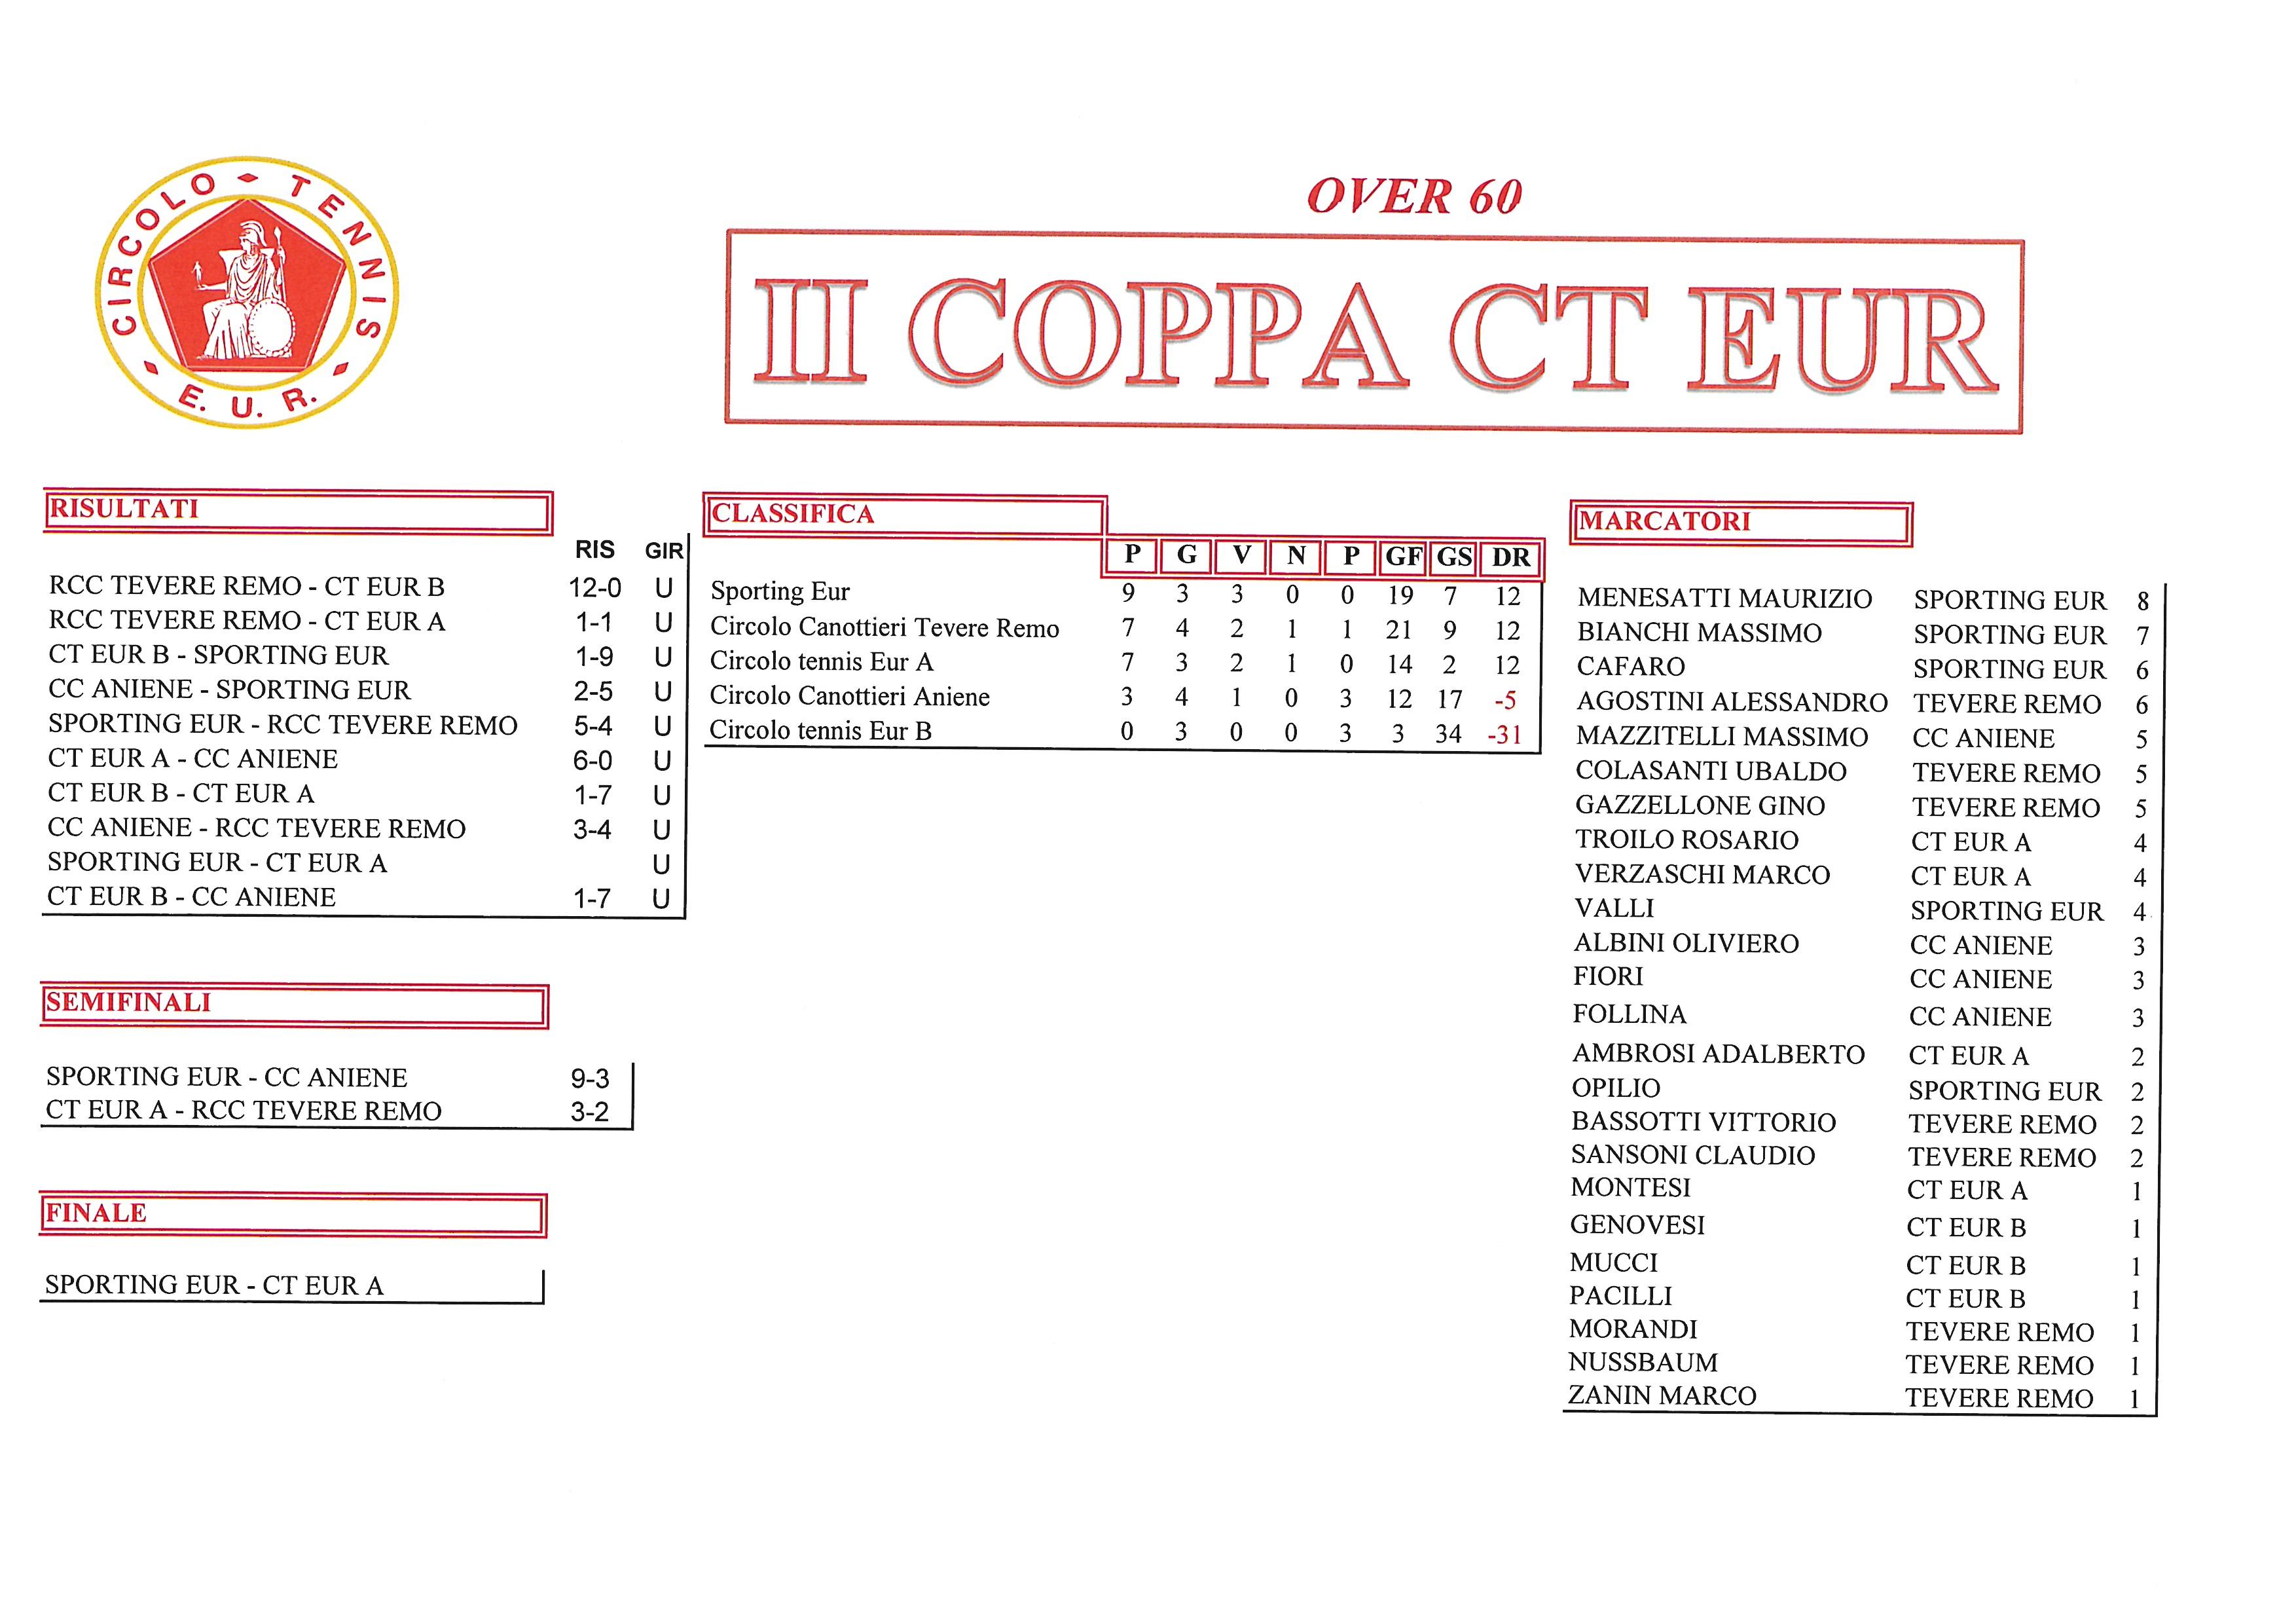 Coppa CT Eur risultati del 14 ottobre 2017 Finali Over 60